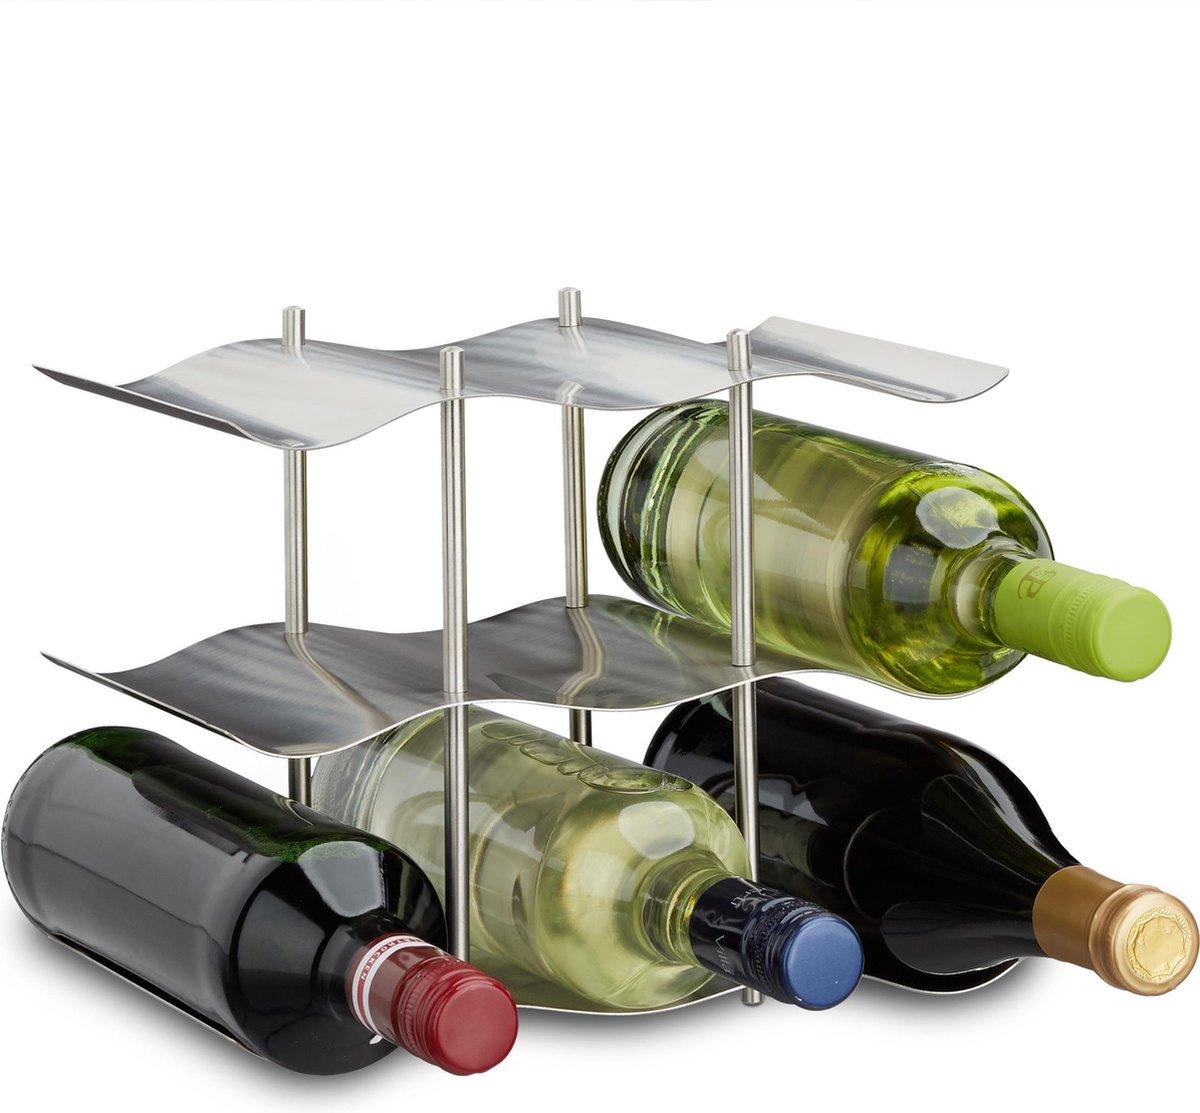 relaxdays - wijnrek rvs voor 9 flessen wijn - flessenrek - industrieel - modern